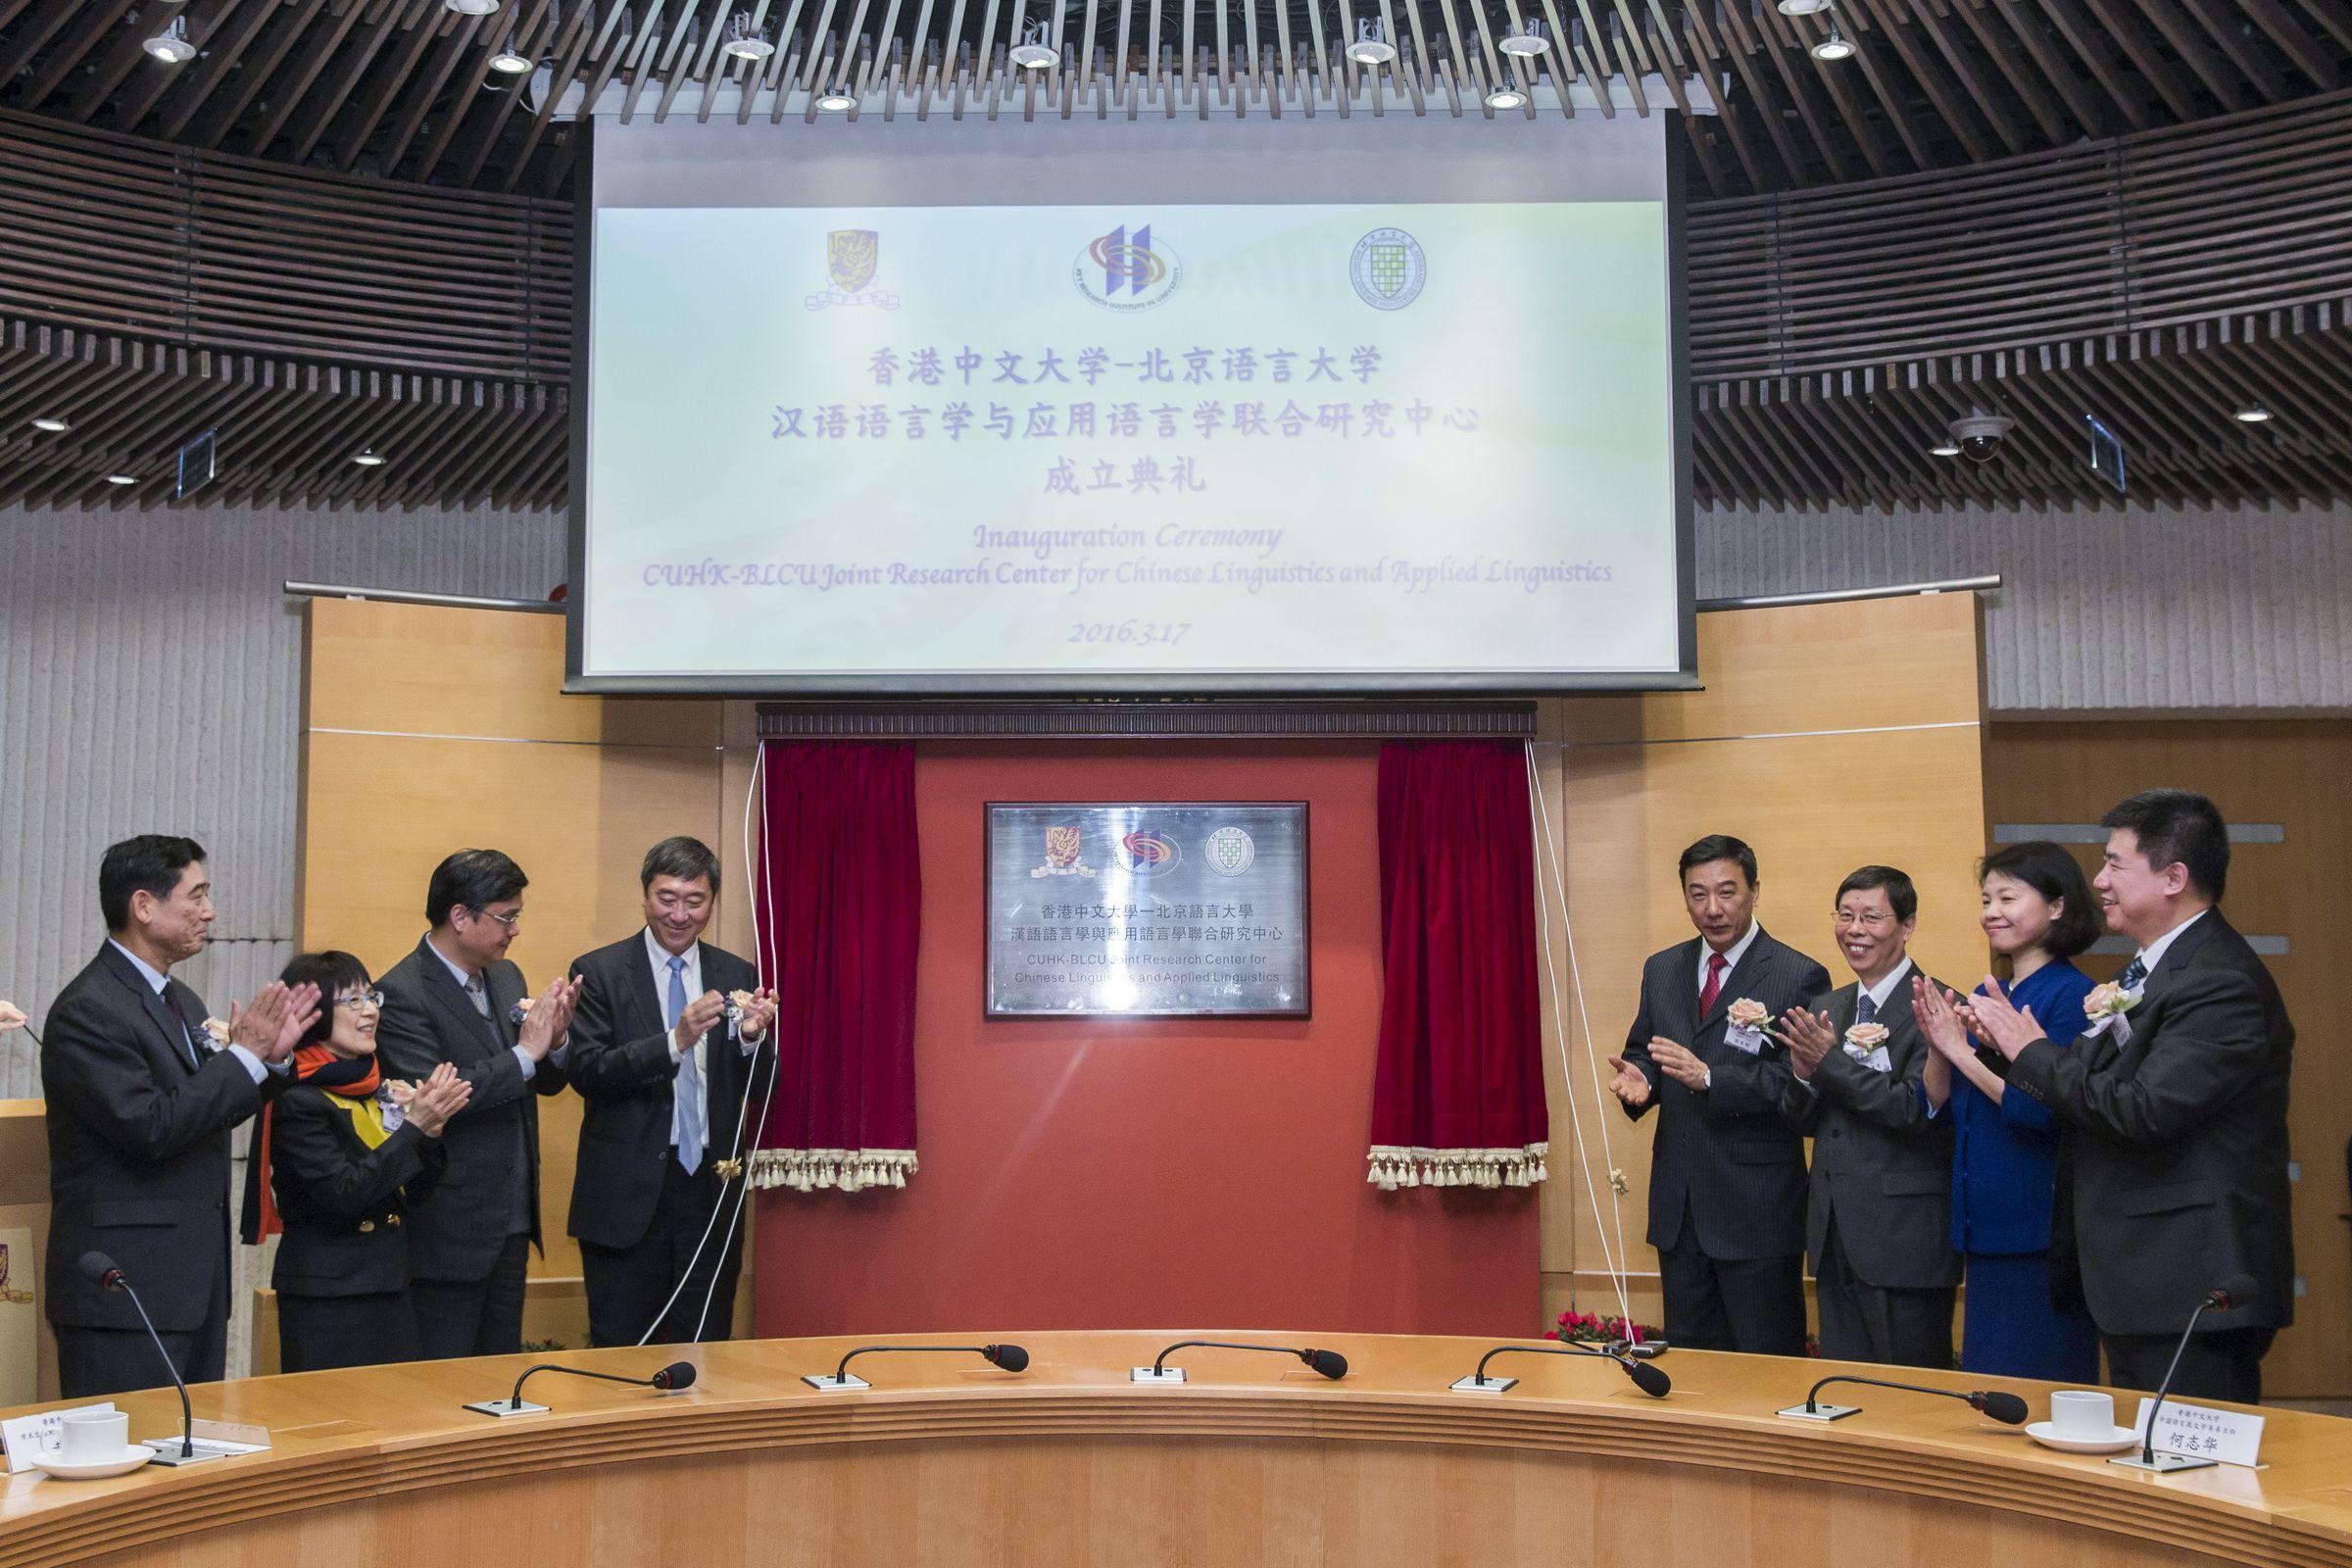 香港中文大學-北京語言大學漢語語言學與應用語言學聯合研究中心揭牌典禮。